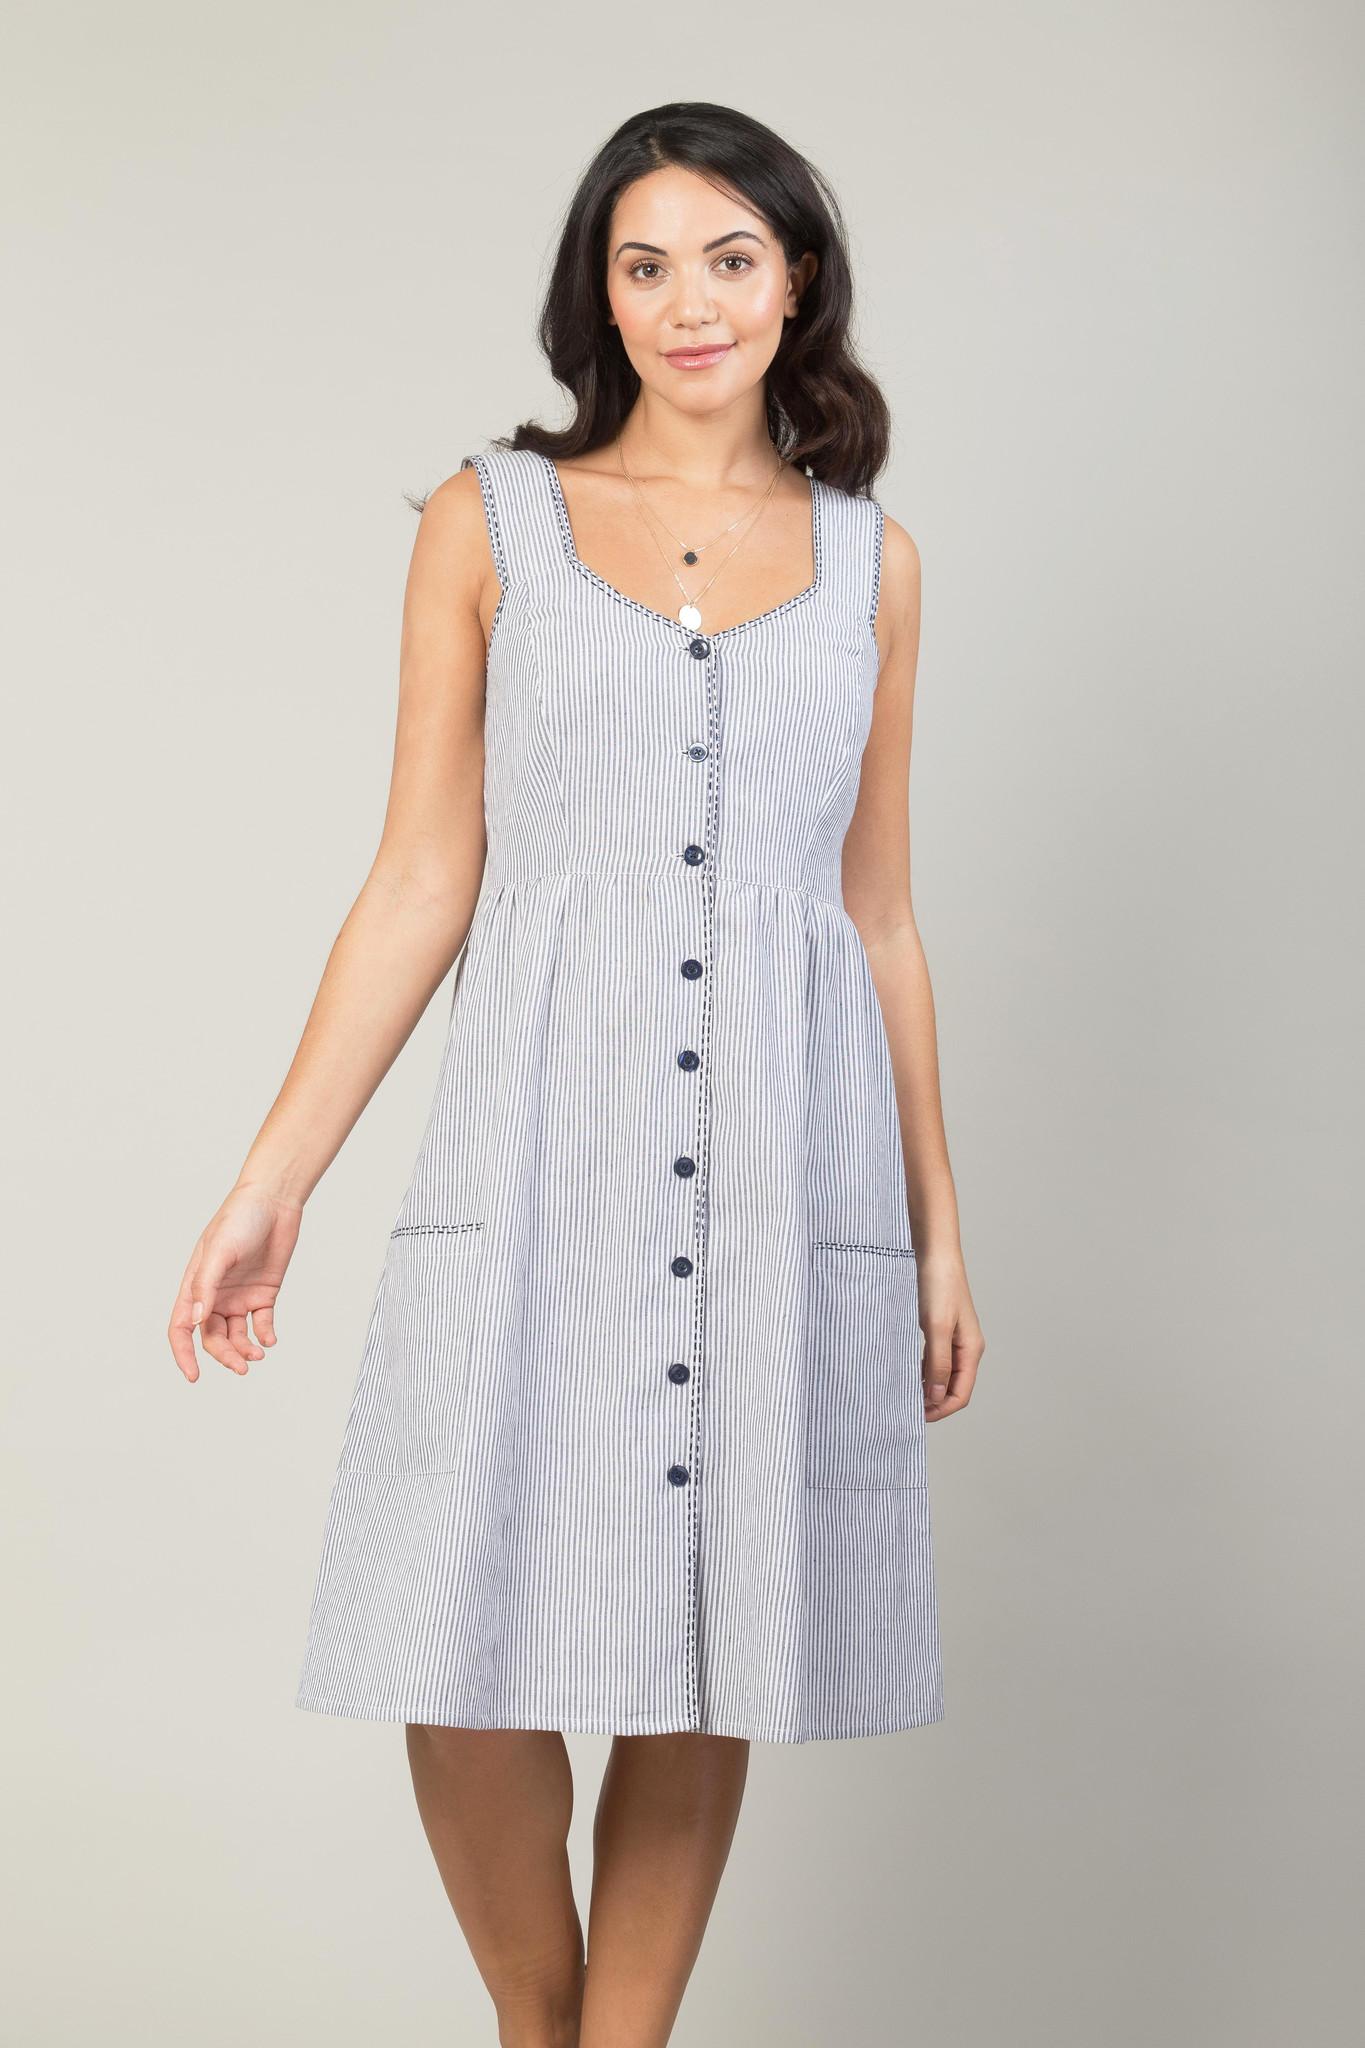 50a24779f833 Jaba Sun Dress - Chambray Stripe - JABA YARD